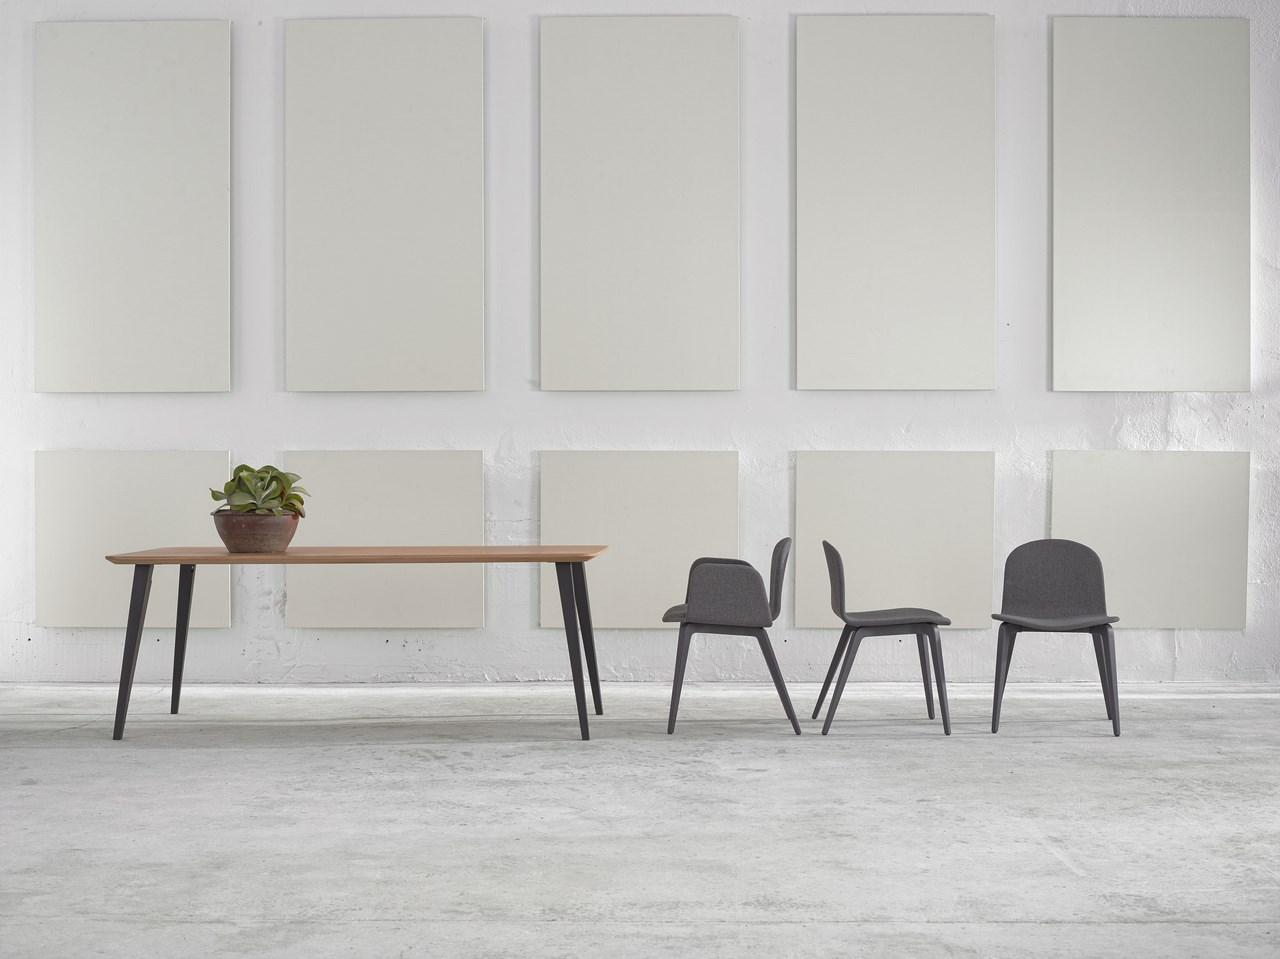 nouveau chaise et fauteuil design scandinave en tissu pieds bois bliss blaine r blog de. Black Bedroom Furniture Sets. Home Design Ideas